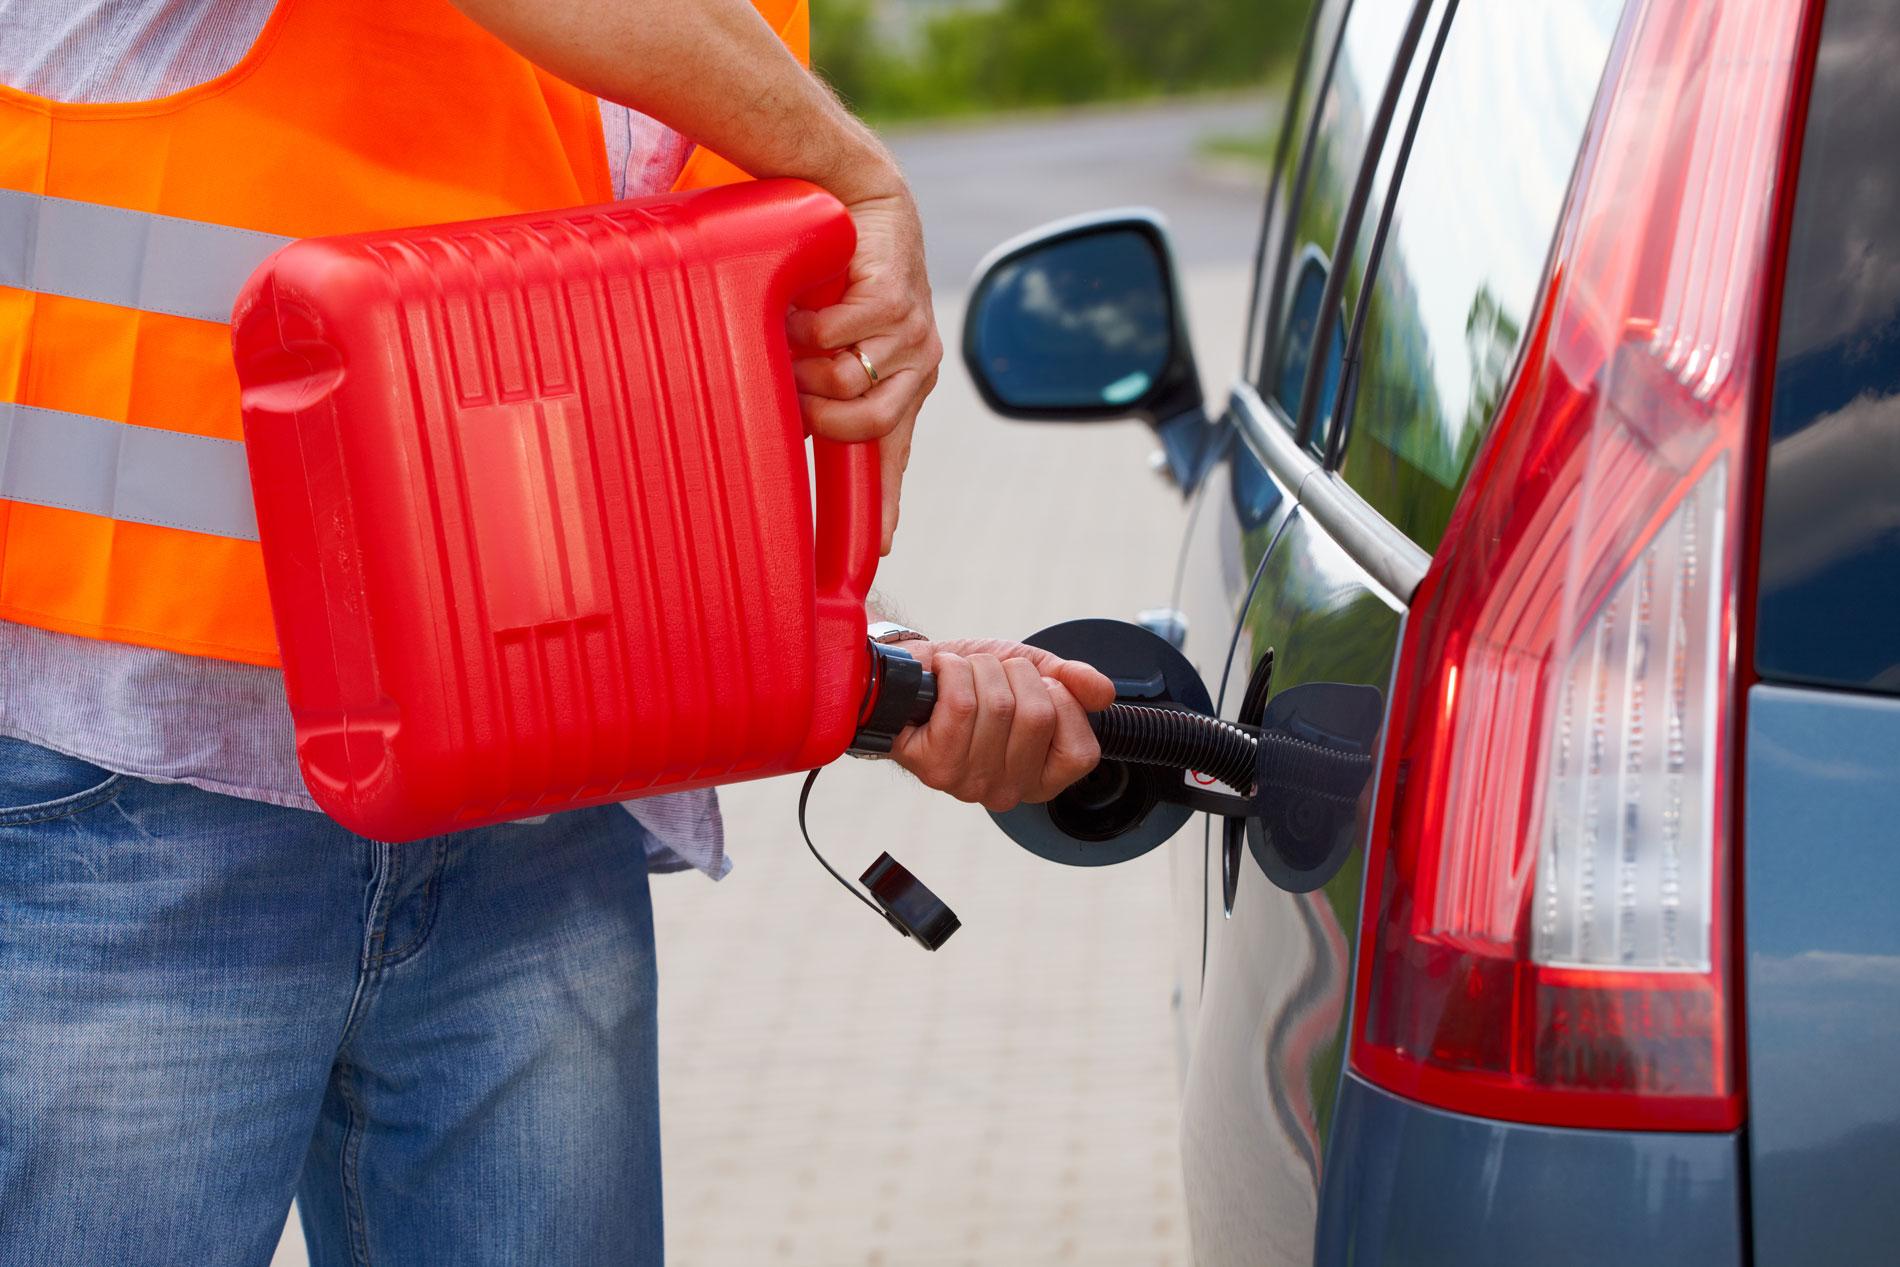 Qué Consecuencias Mecánicas Y Legales Tiene Quedarse Sin Gasolina